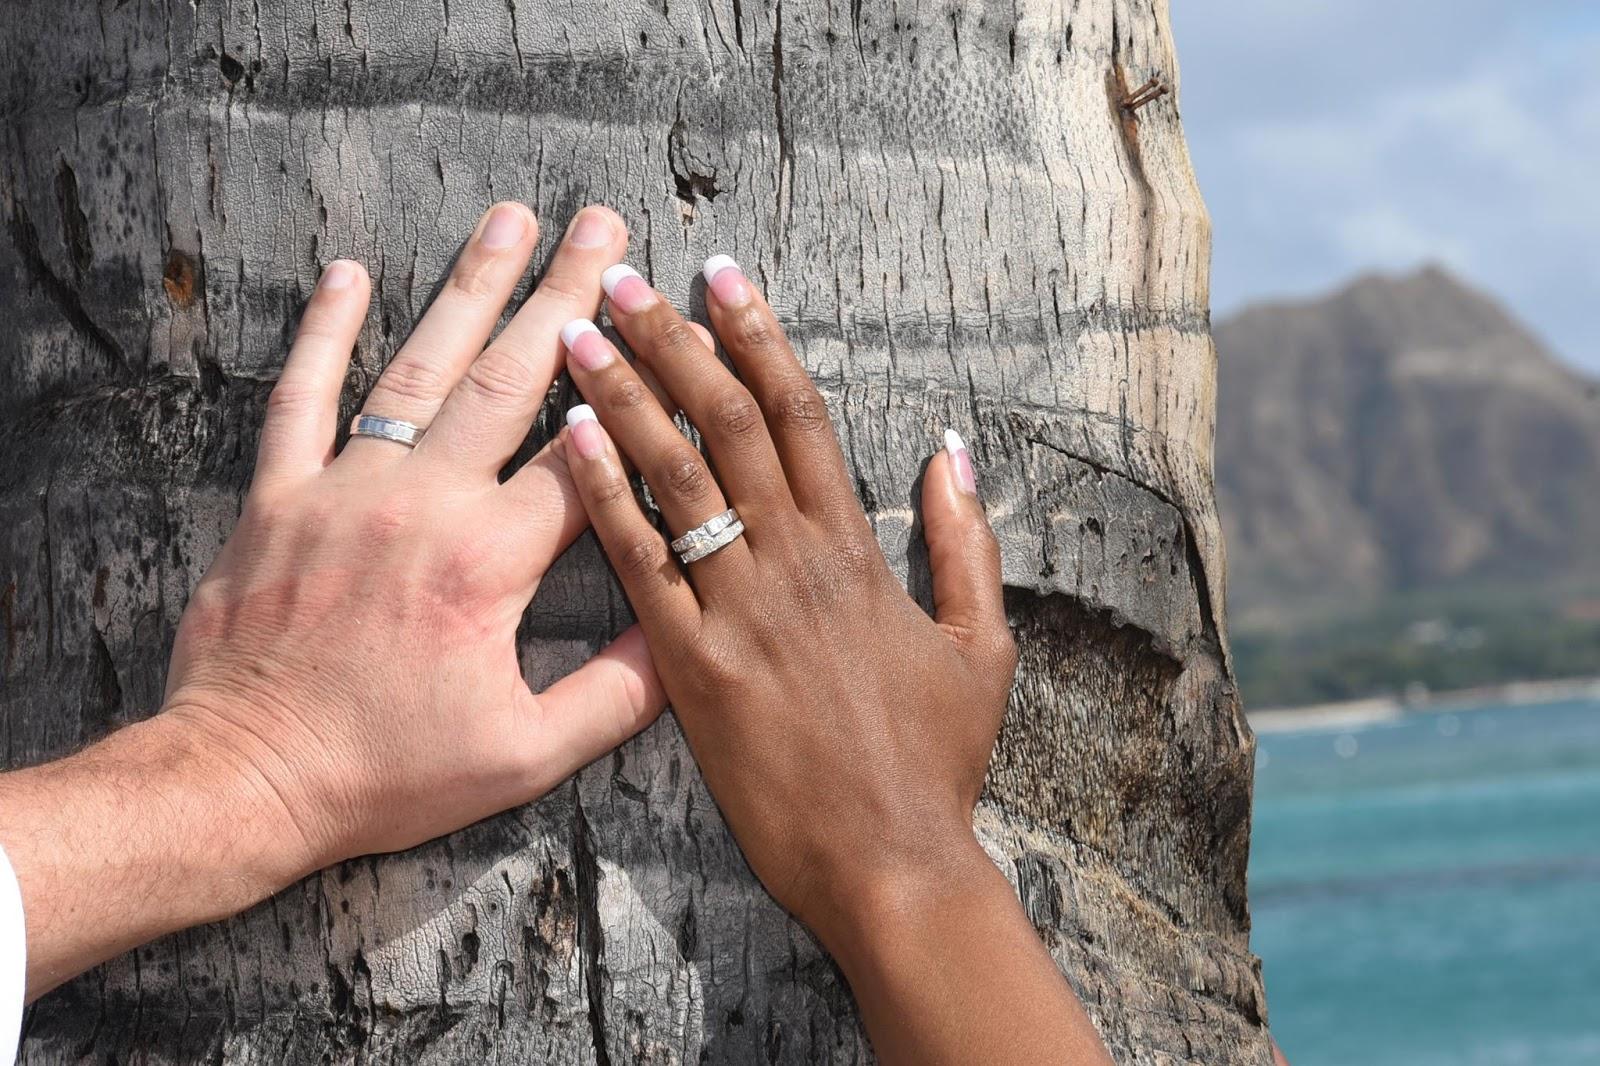 Newlyweds in Hawaii